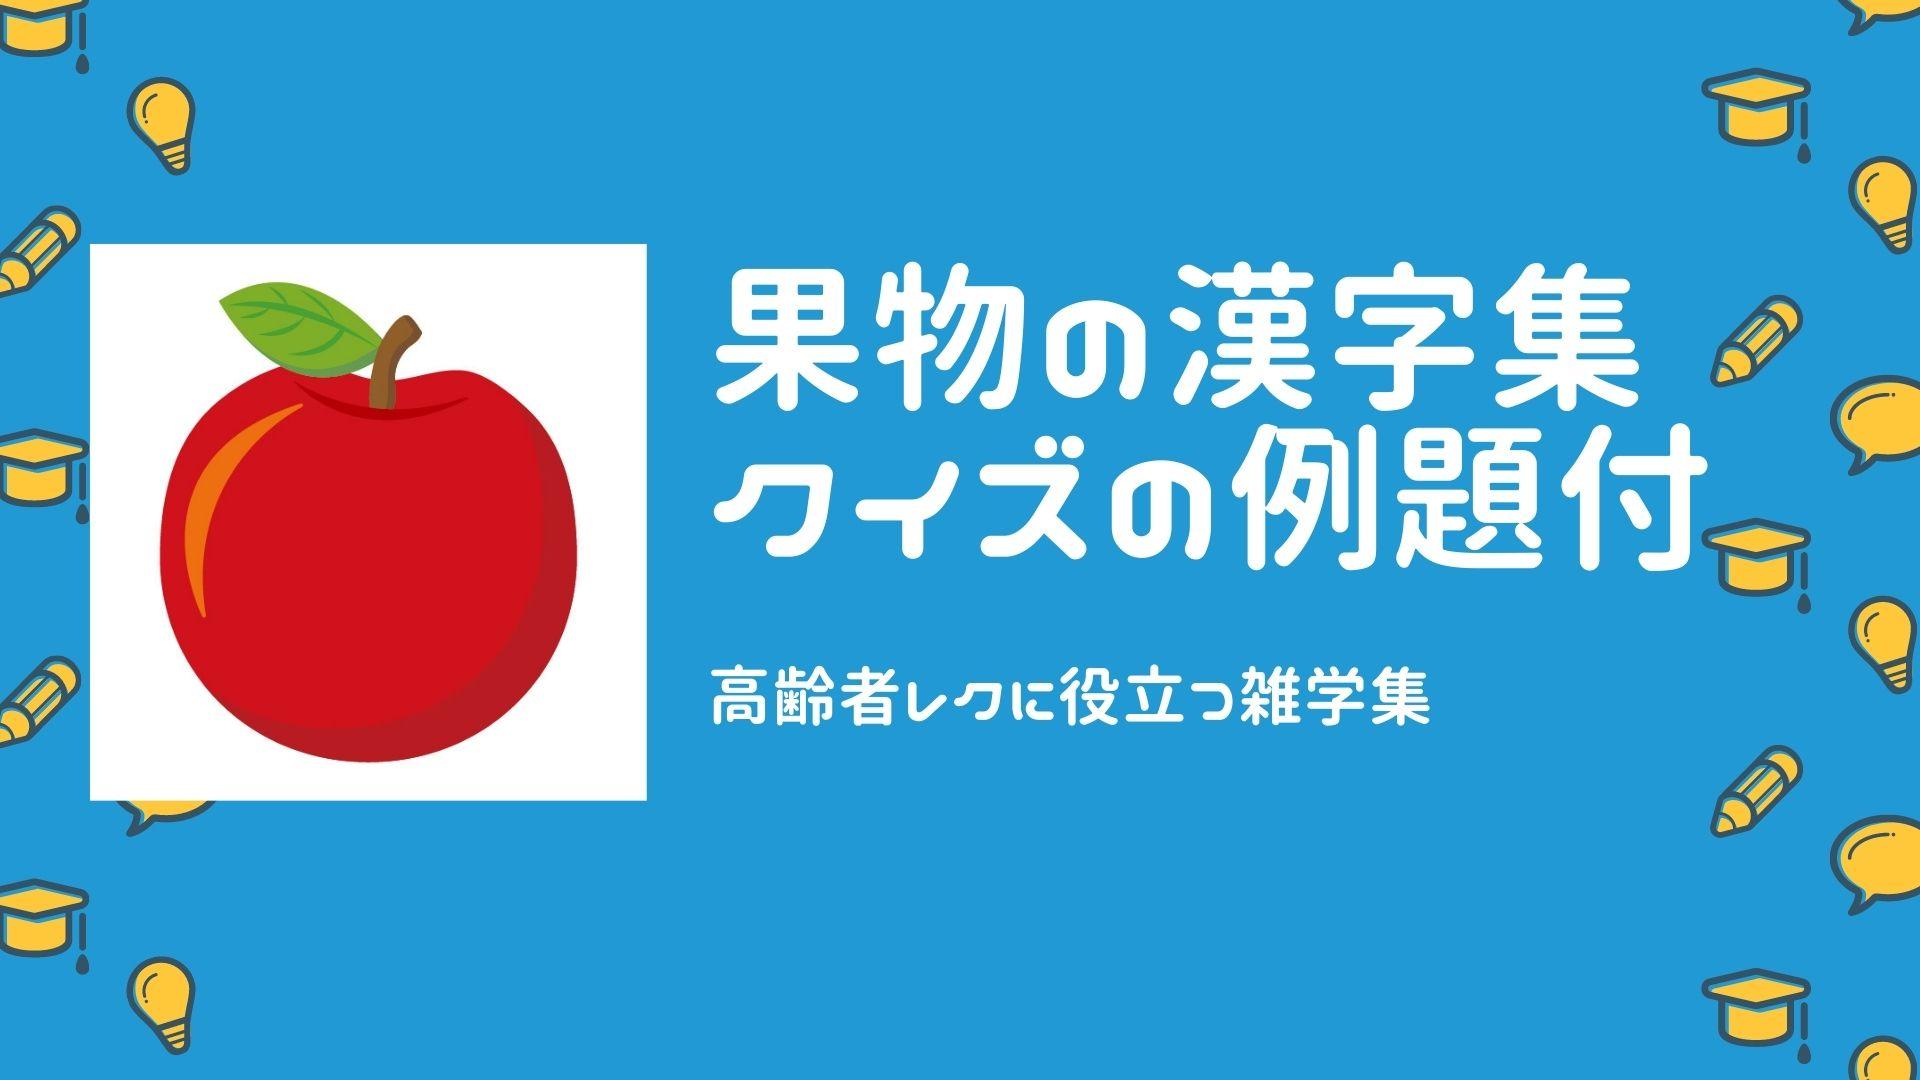 くだもの・フルーツの漢字集(高齢者レクに役立つ雑学集・クイズの例題付き)